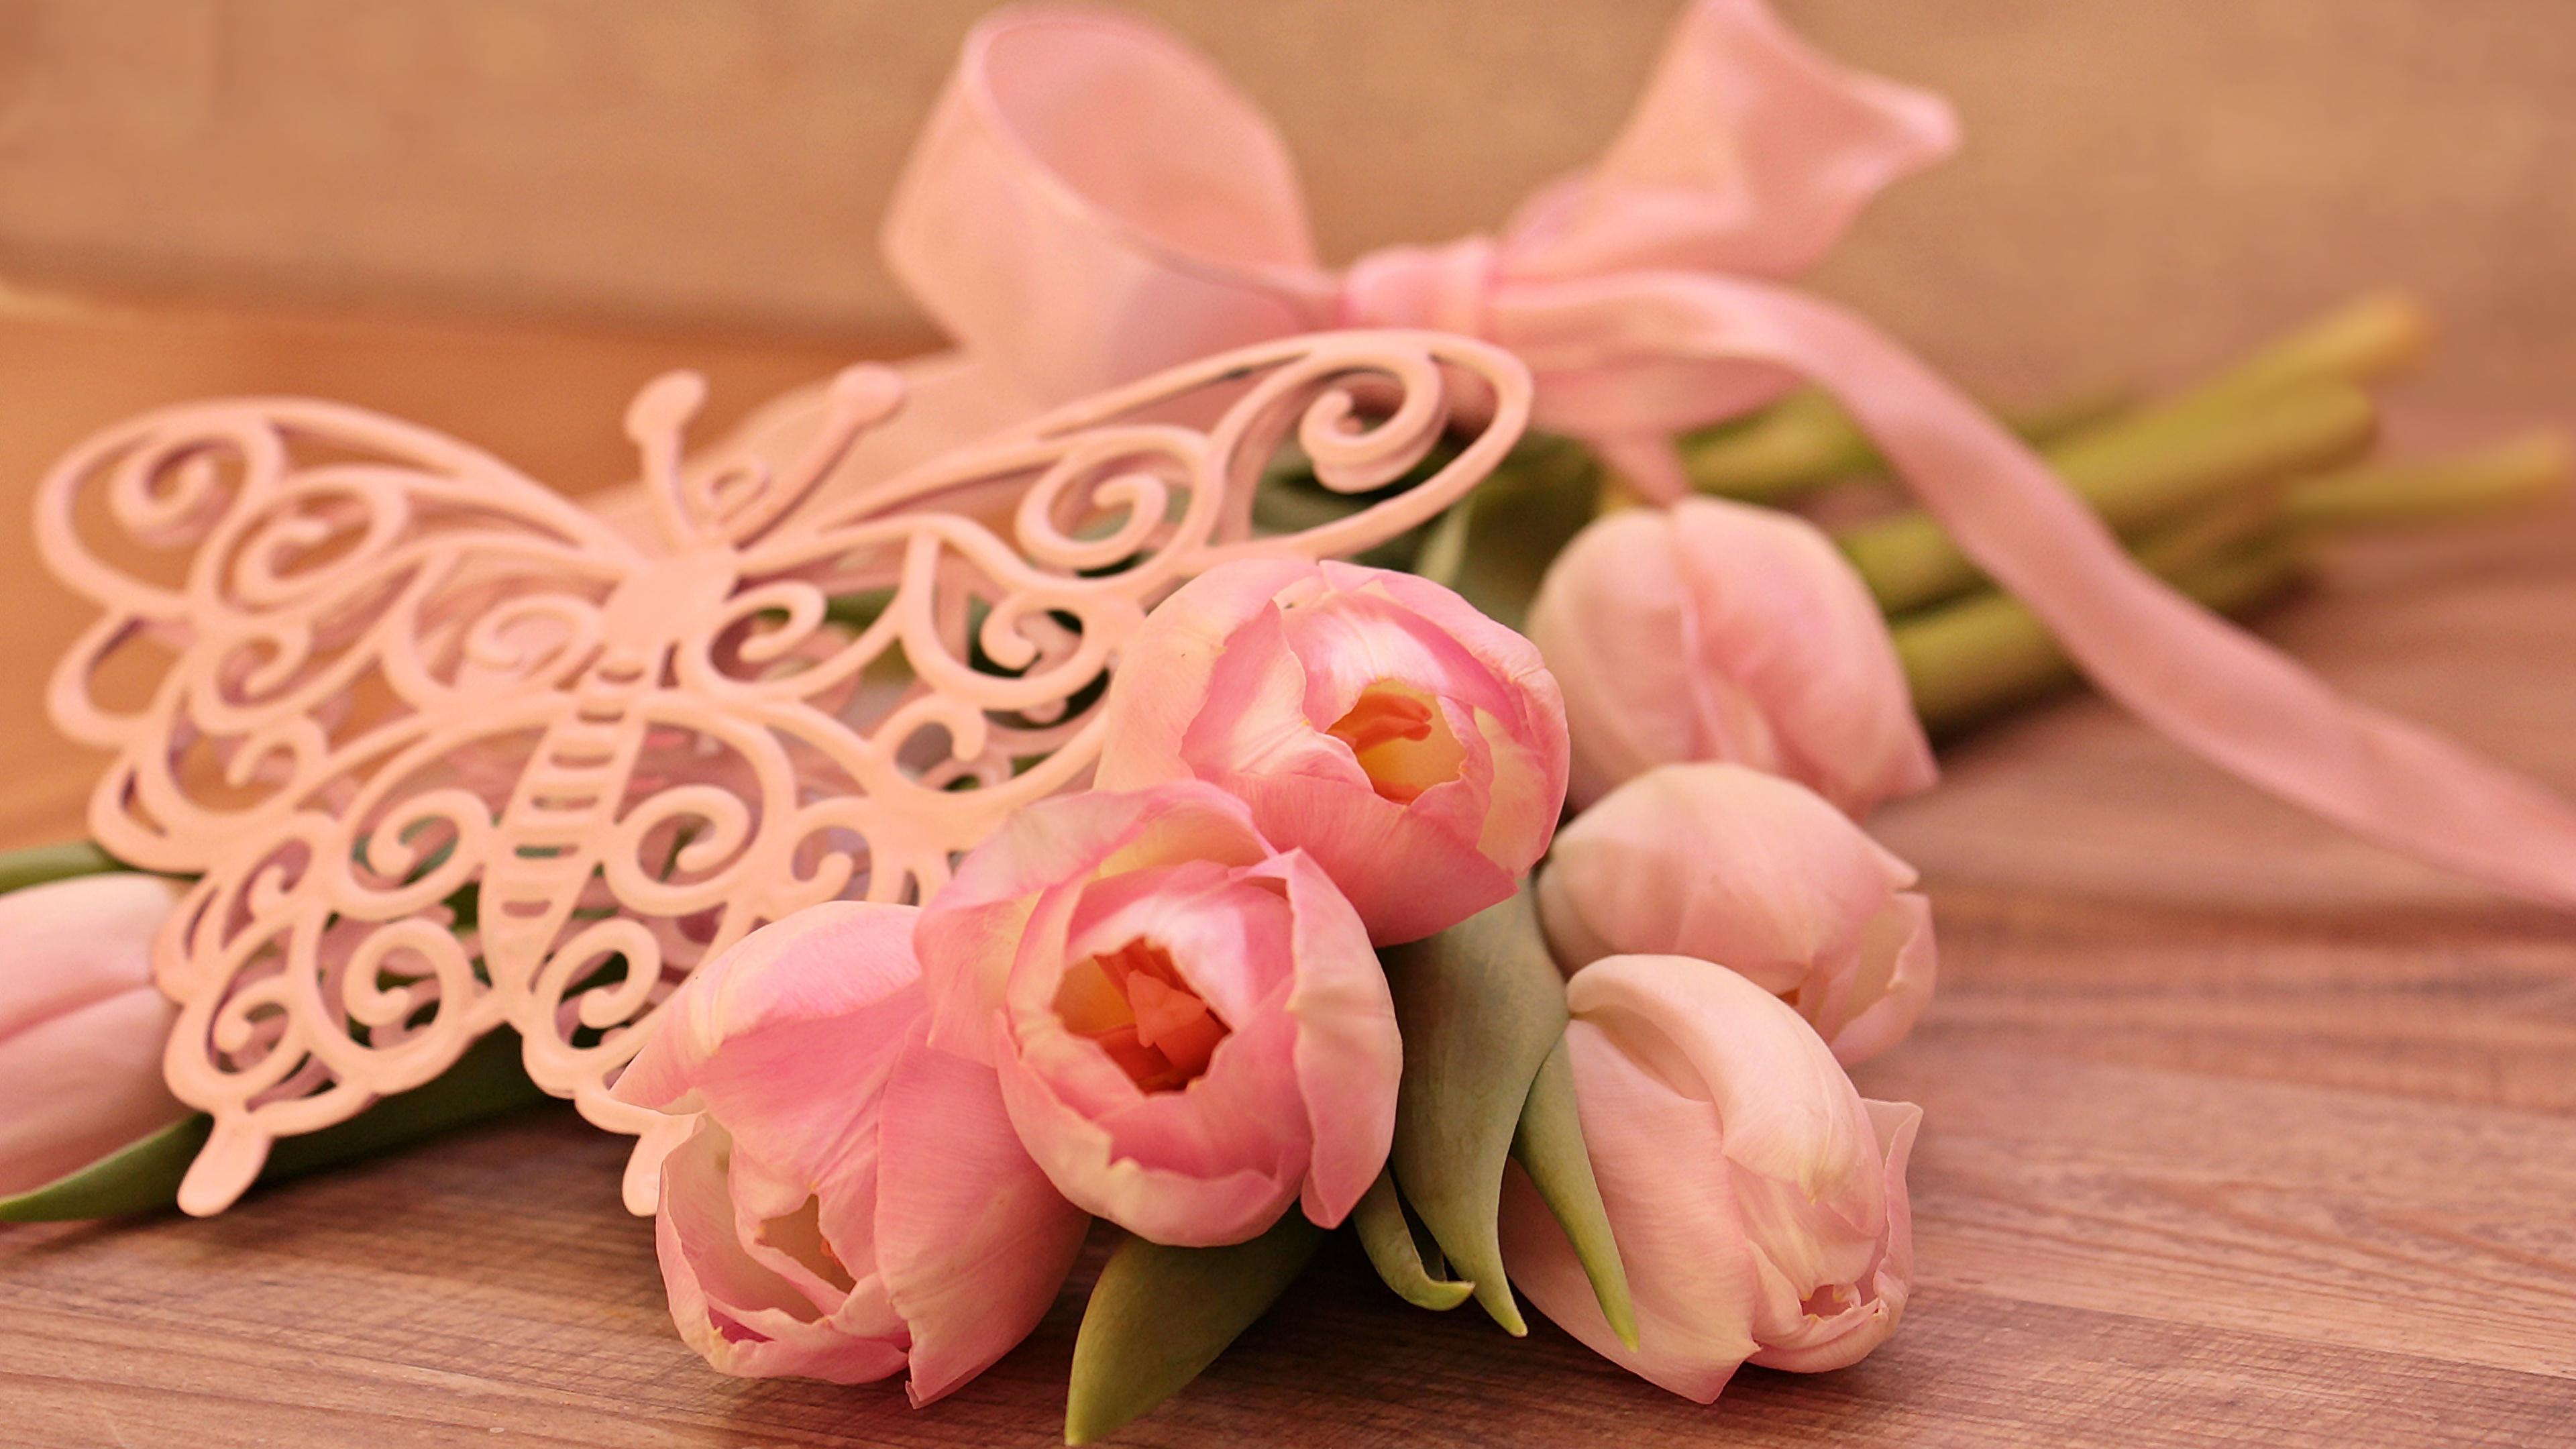 Фотография бабочка розовая Тюльпаны цветок Доски 3840x2160 Бабочки тюльпан Розовый розовые розовых Цветы